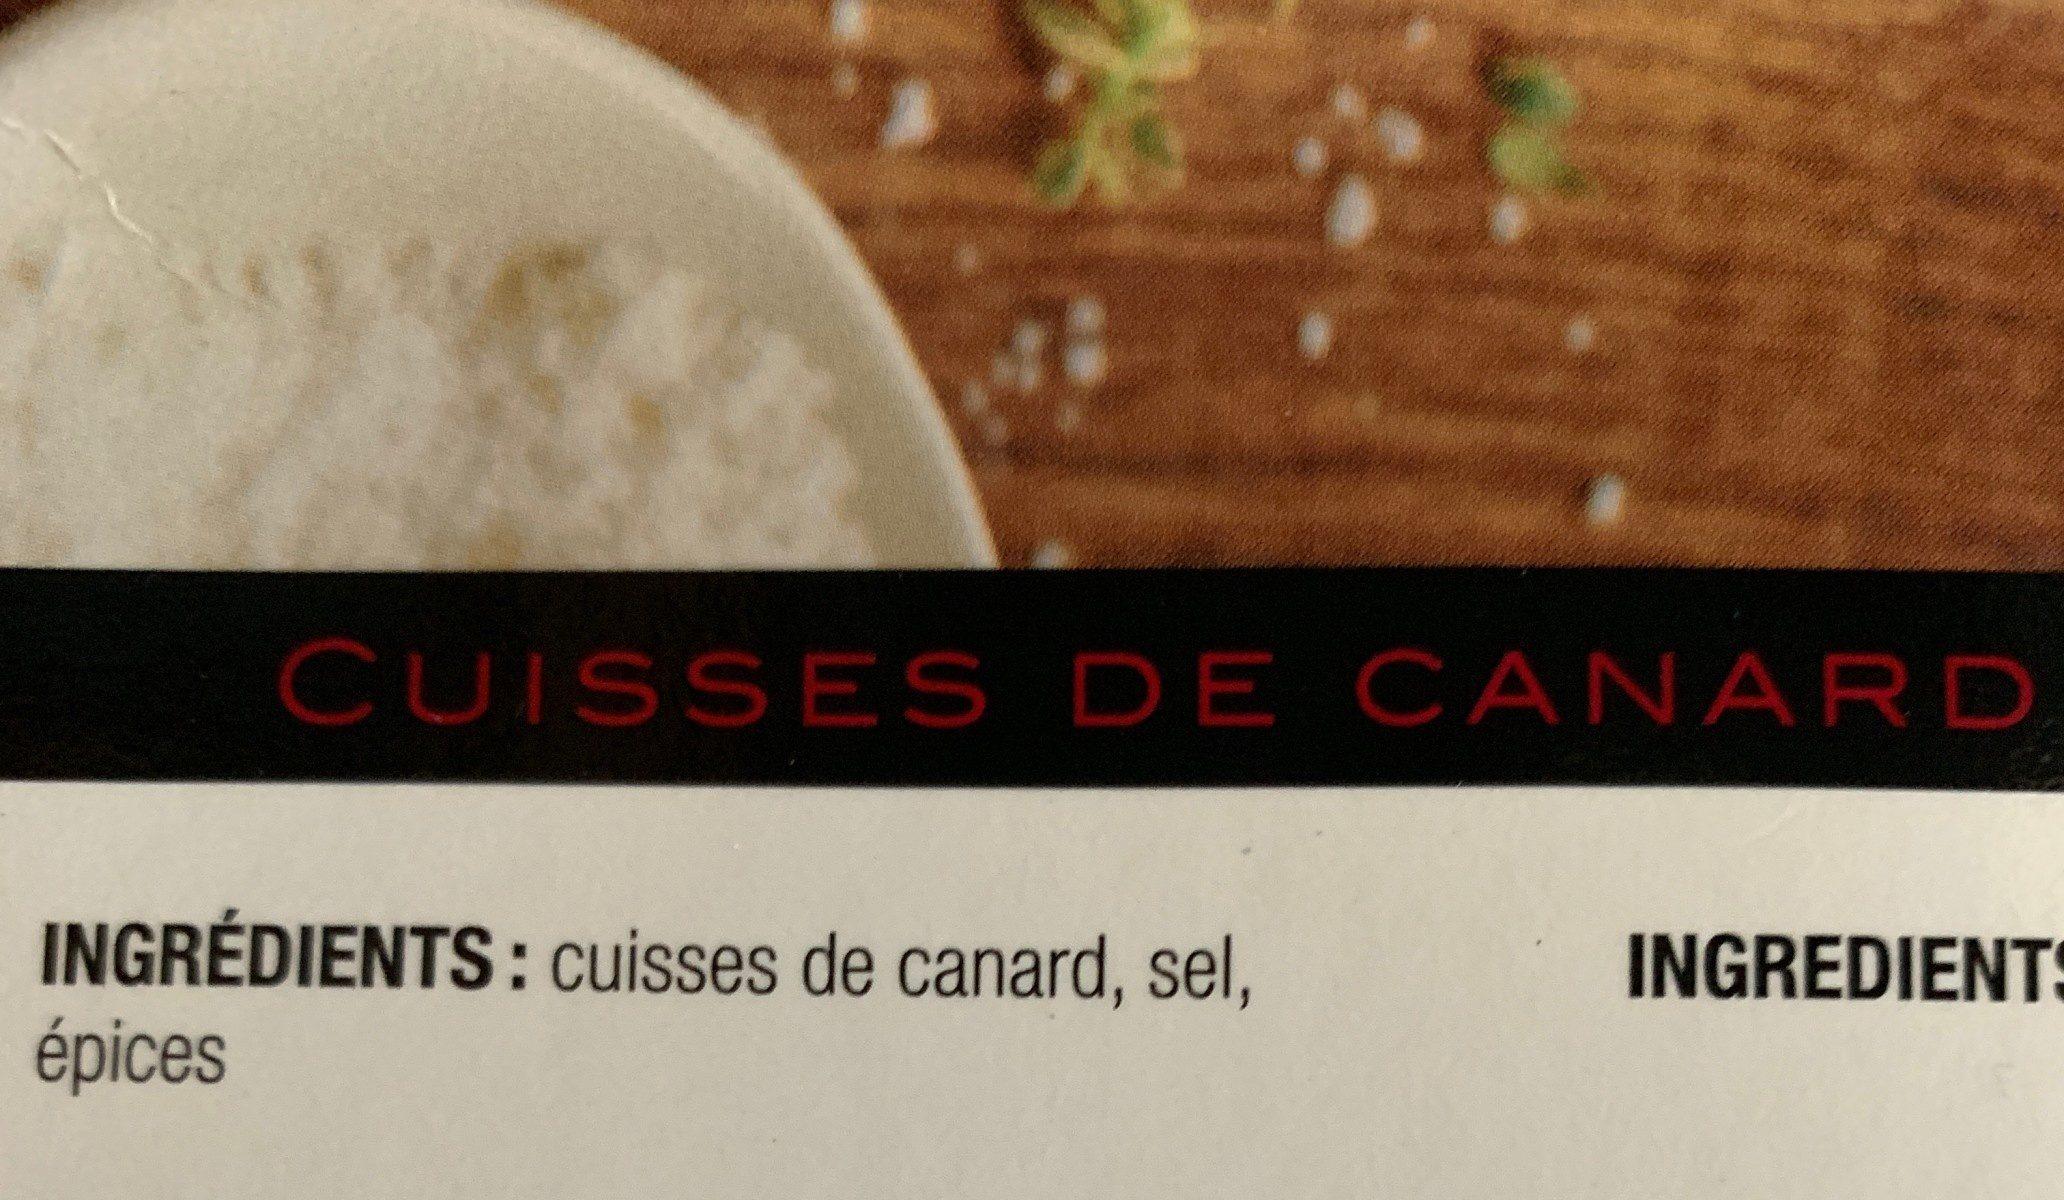 Cuisses de canard confites - Ingredients - fr